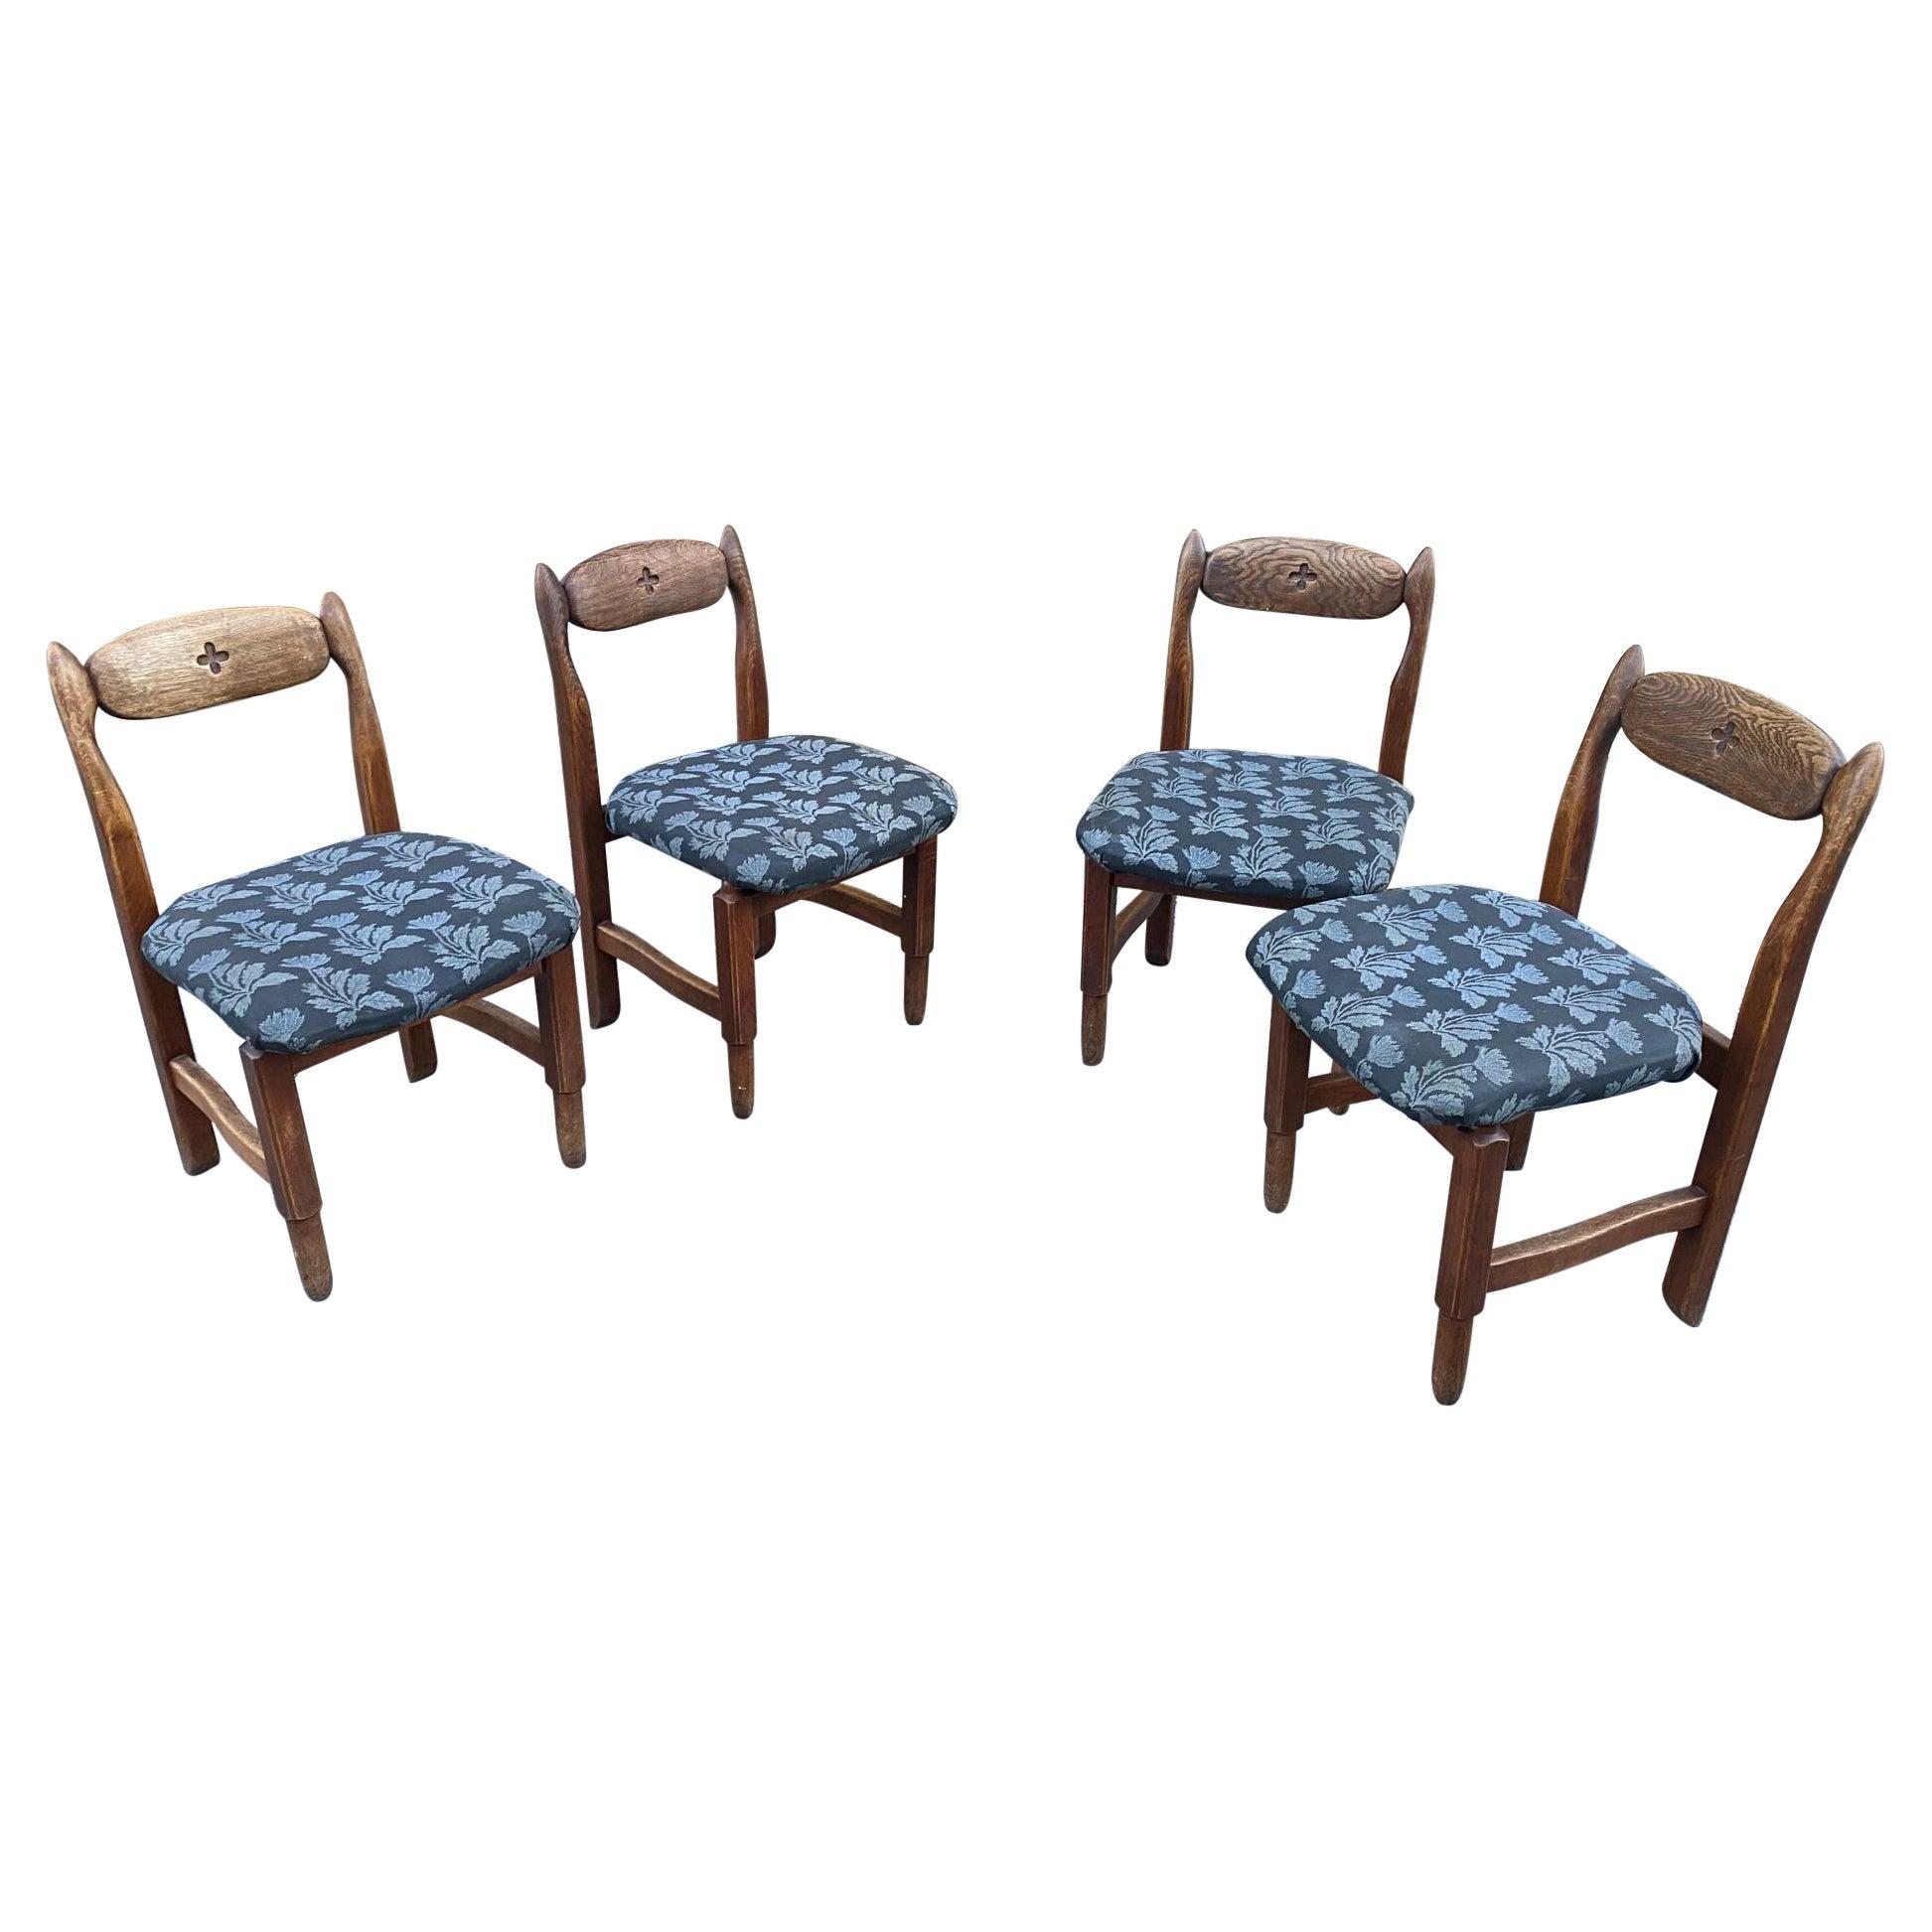 Guillerme et Chambron, 4 Oak Chairs, Edition Votre Maison, circa 1970